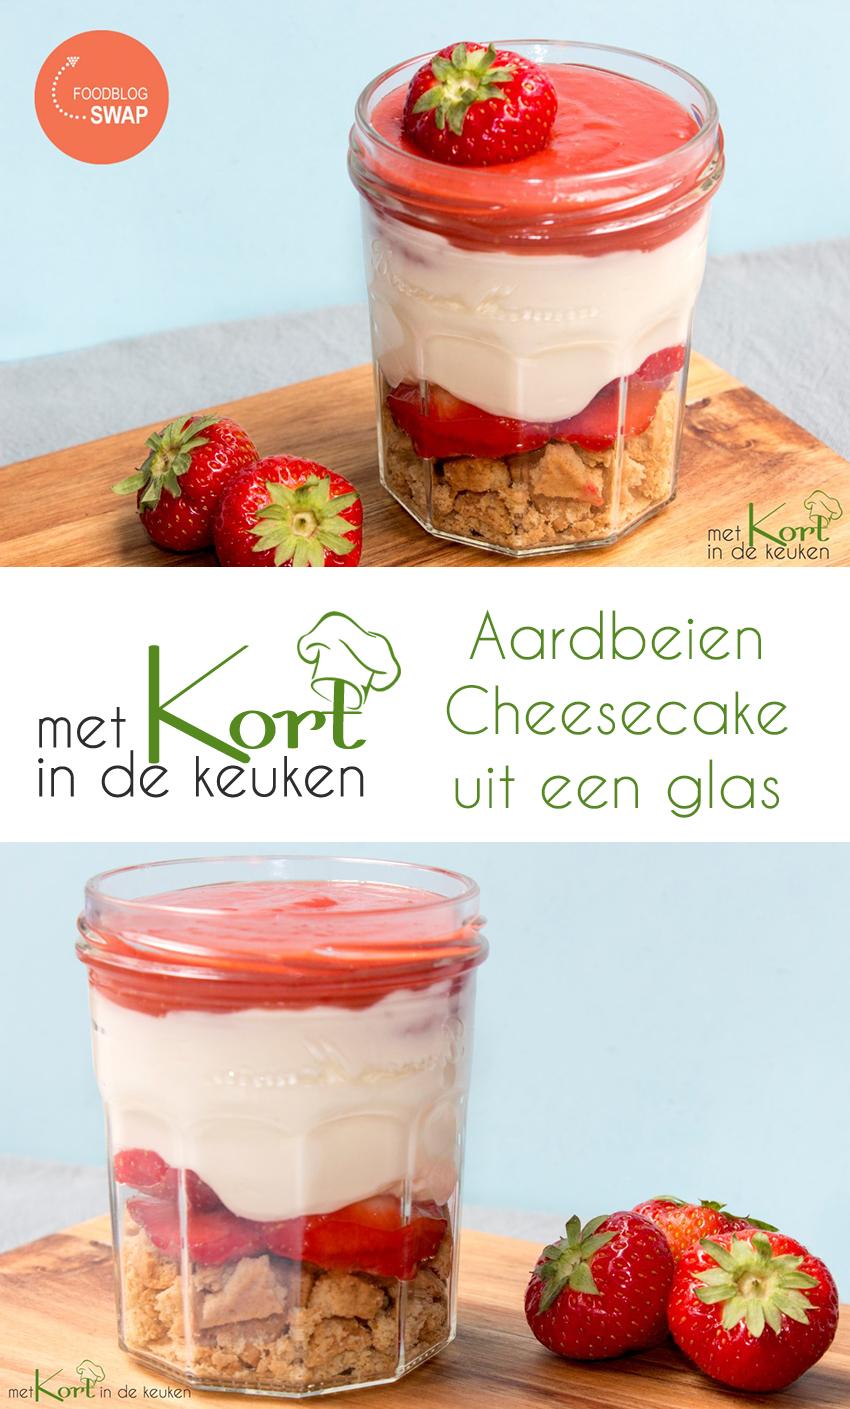 Aardbeien Cheesecake uit een glas